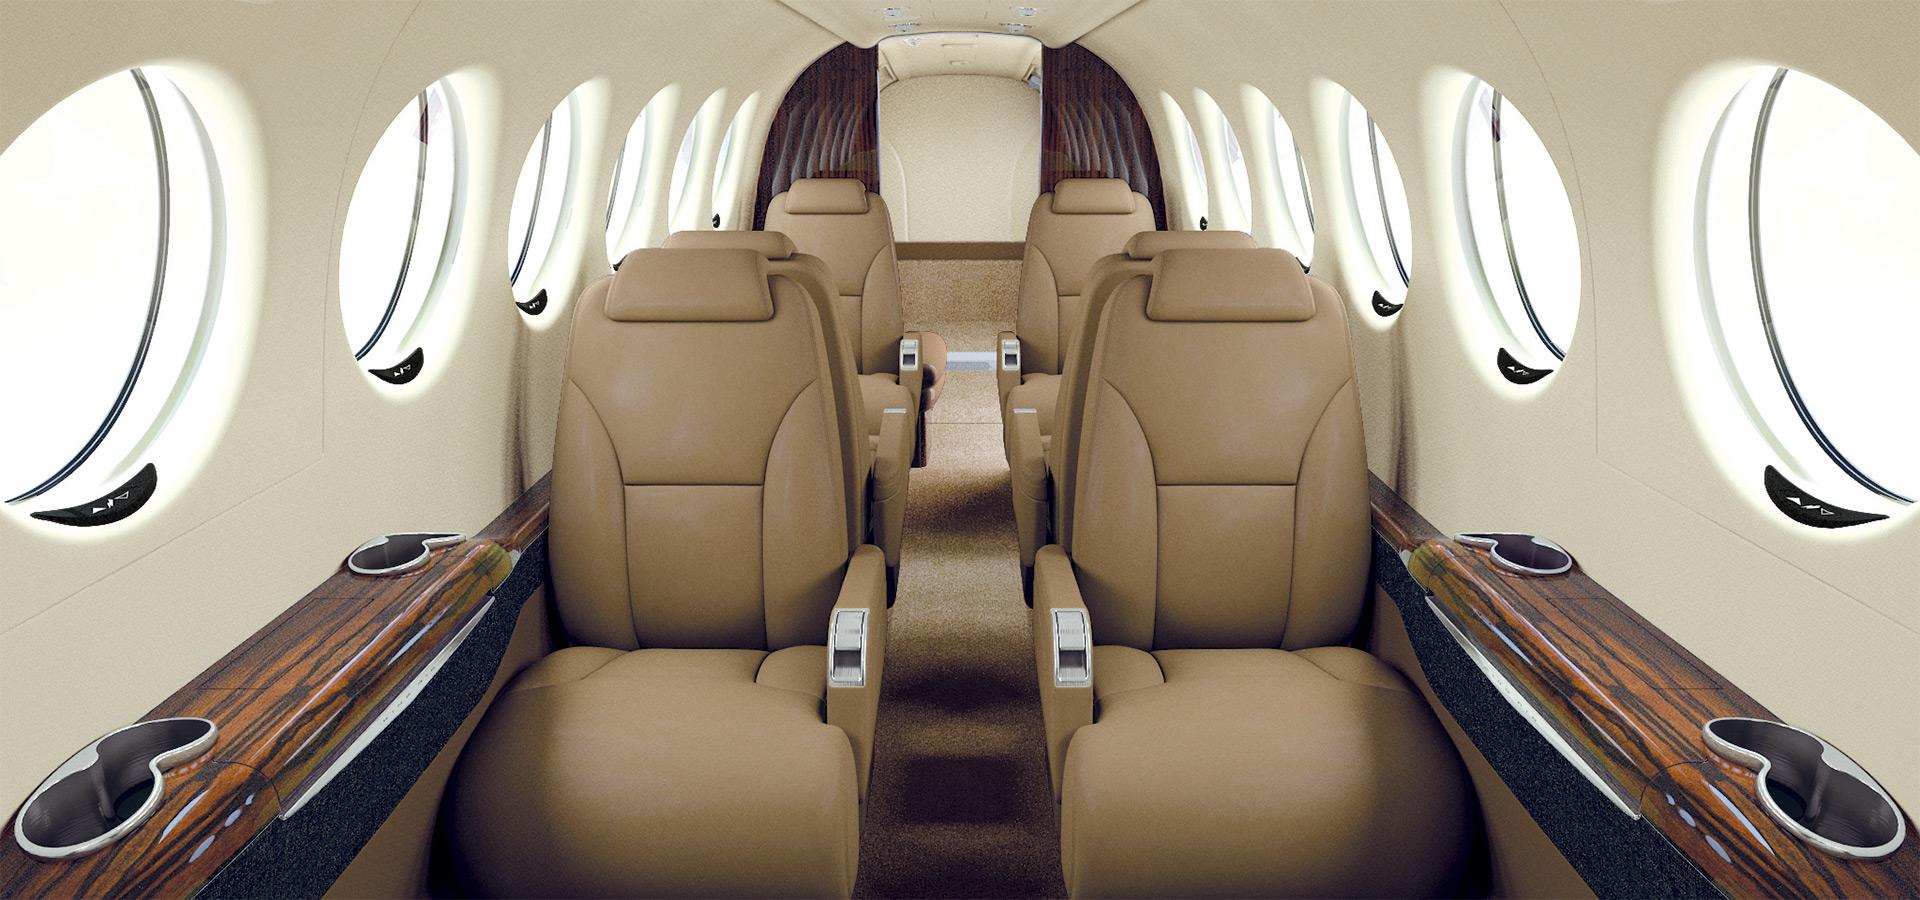 King Air 350 Interrior